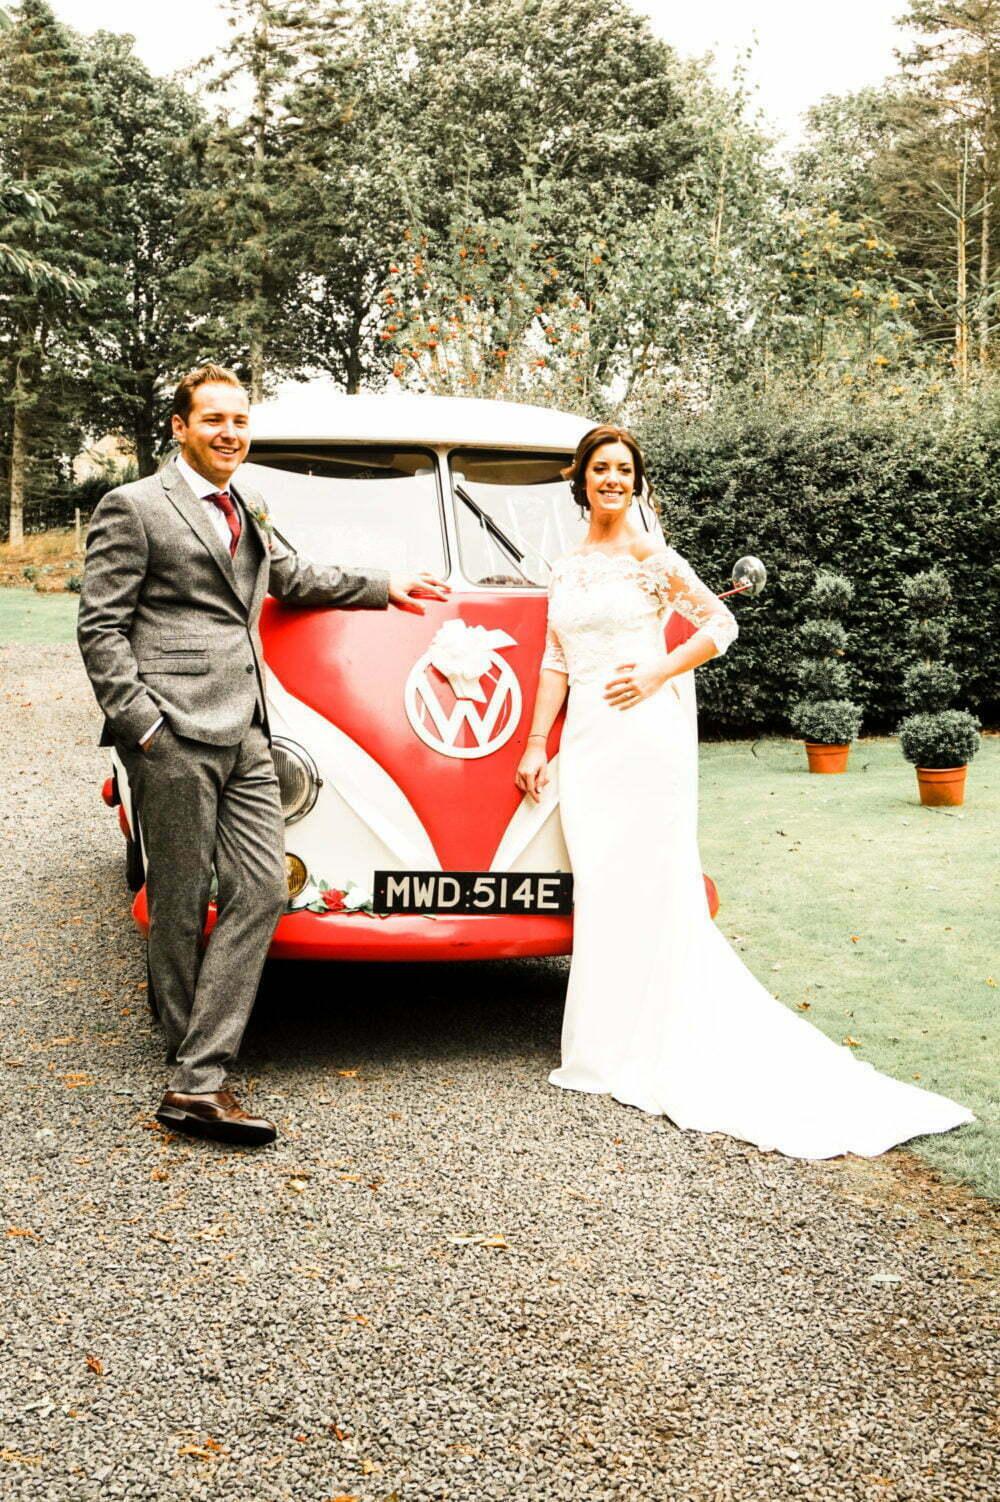 Bride Groom in front of a classic vw camper van